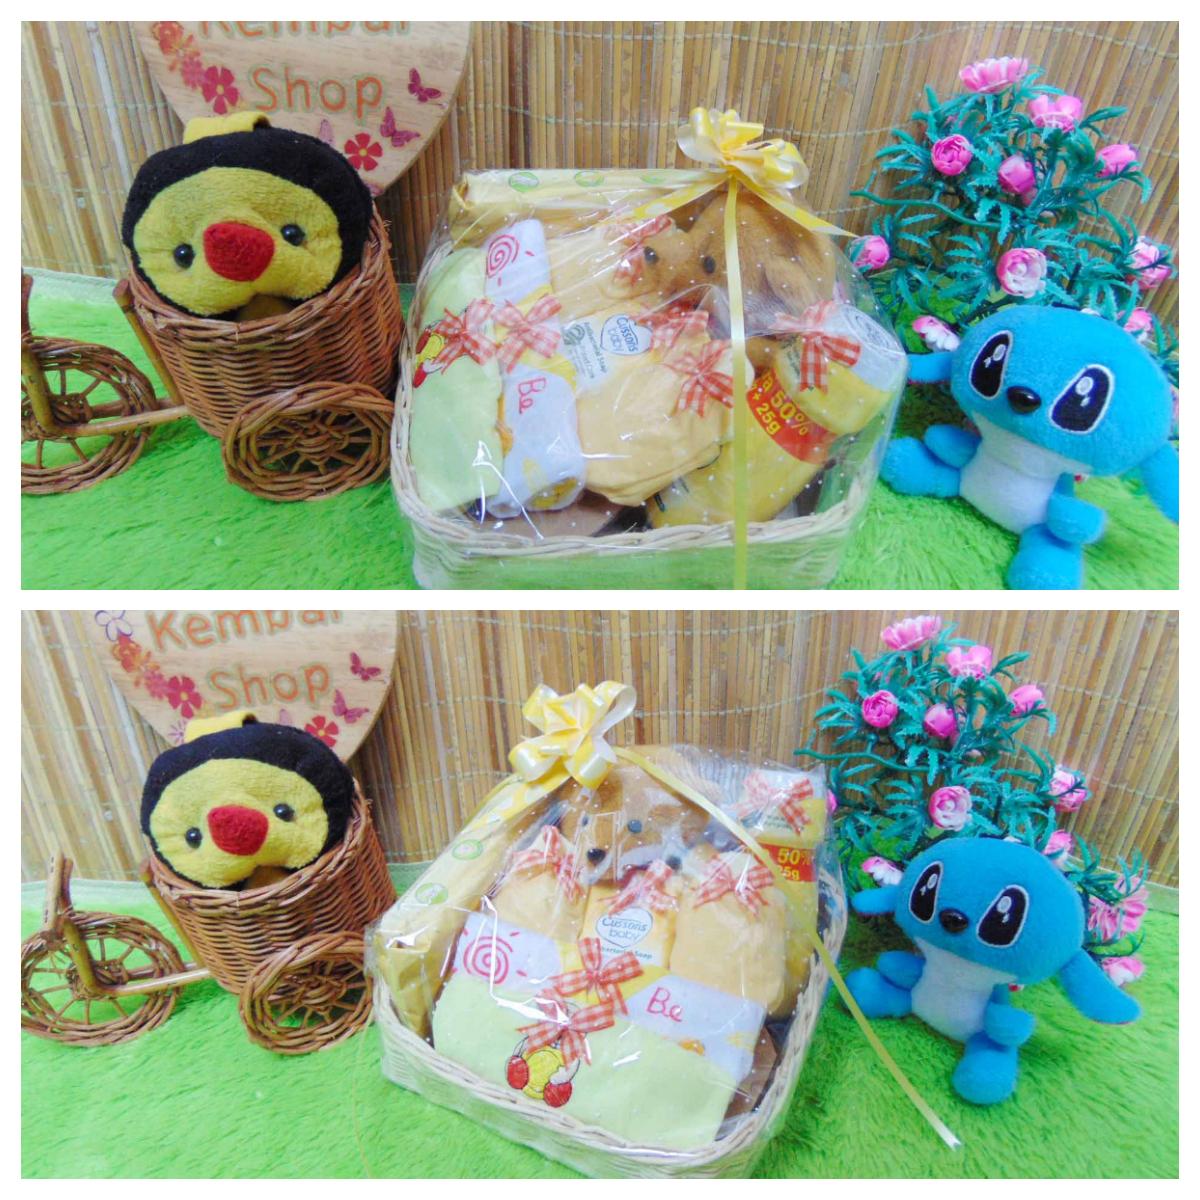 paket kado bayi baby gift kado lahiran parcel bayi parsel kado bayi keranjang wipes spesial Teddy Bear imut (2)